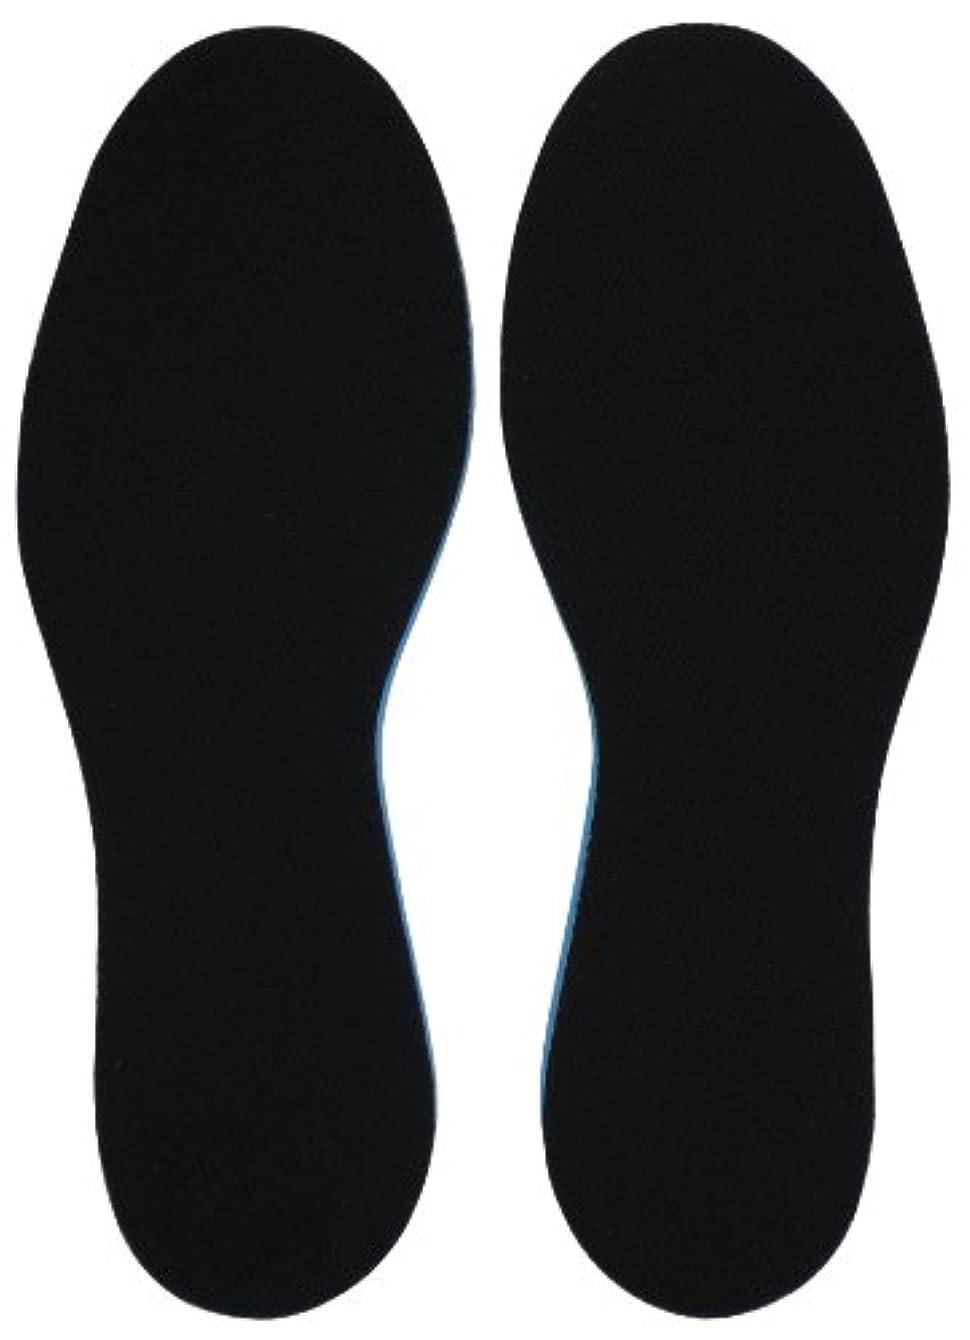 大学矛盾する日常的にコロンブス MEGA厚サイズフィッターインソール 1足分(2枚入り) 男女兼用 フリーサイズ(22.0~28.0cm)